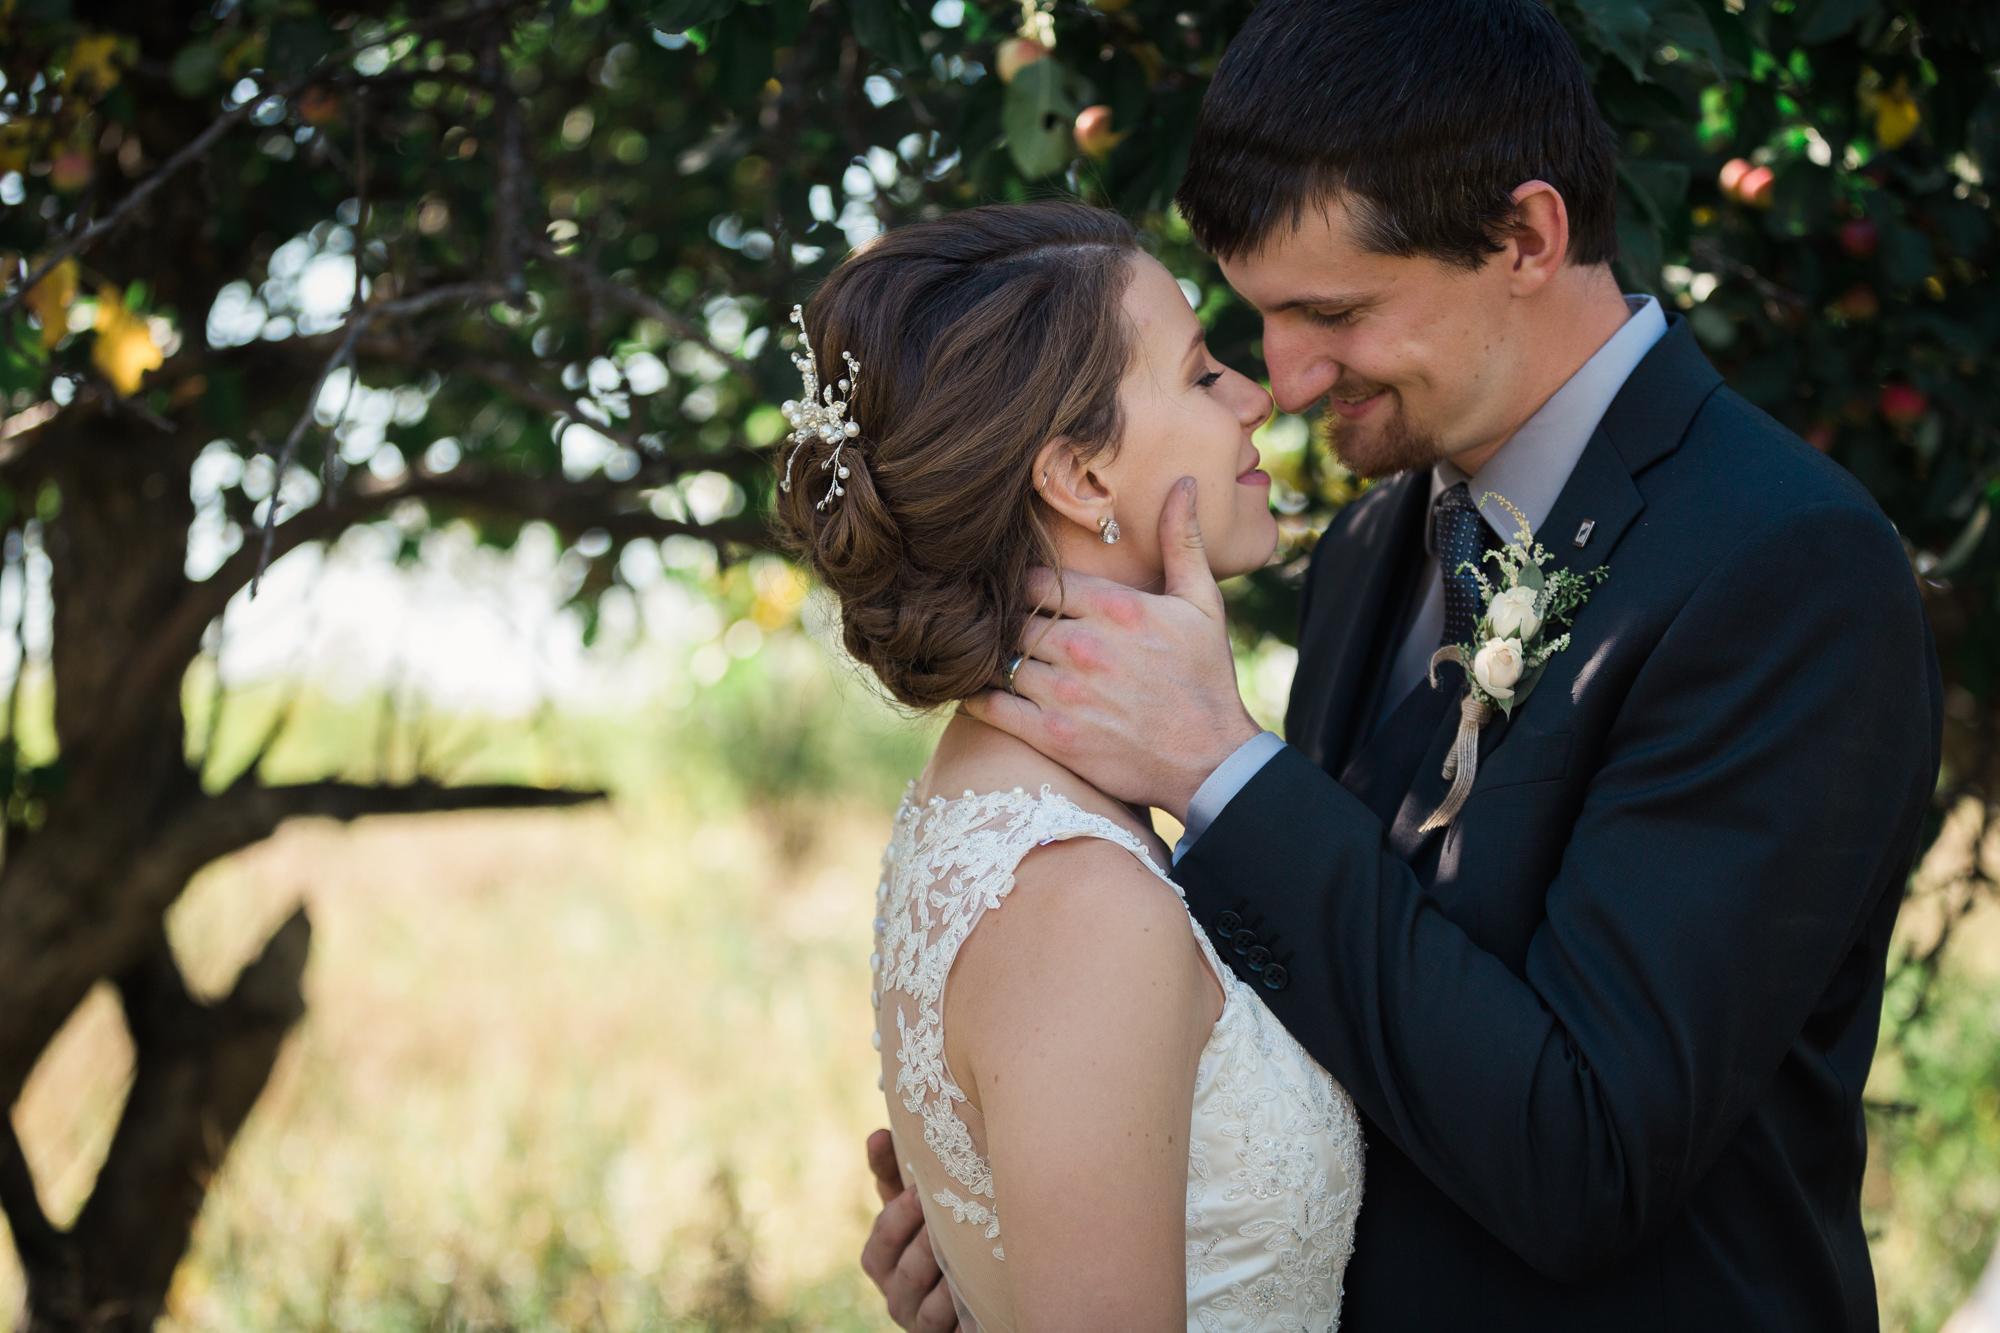 Deanna-Rachel-Photography-calgary-Wedding-photographer-jm-50.jpg